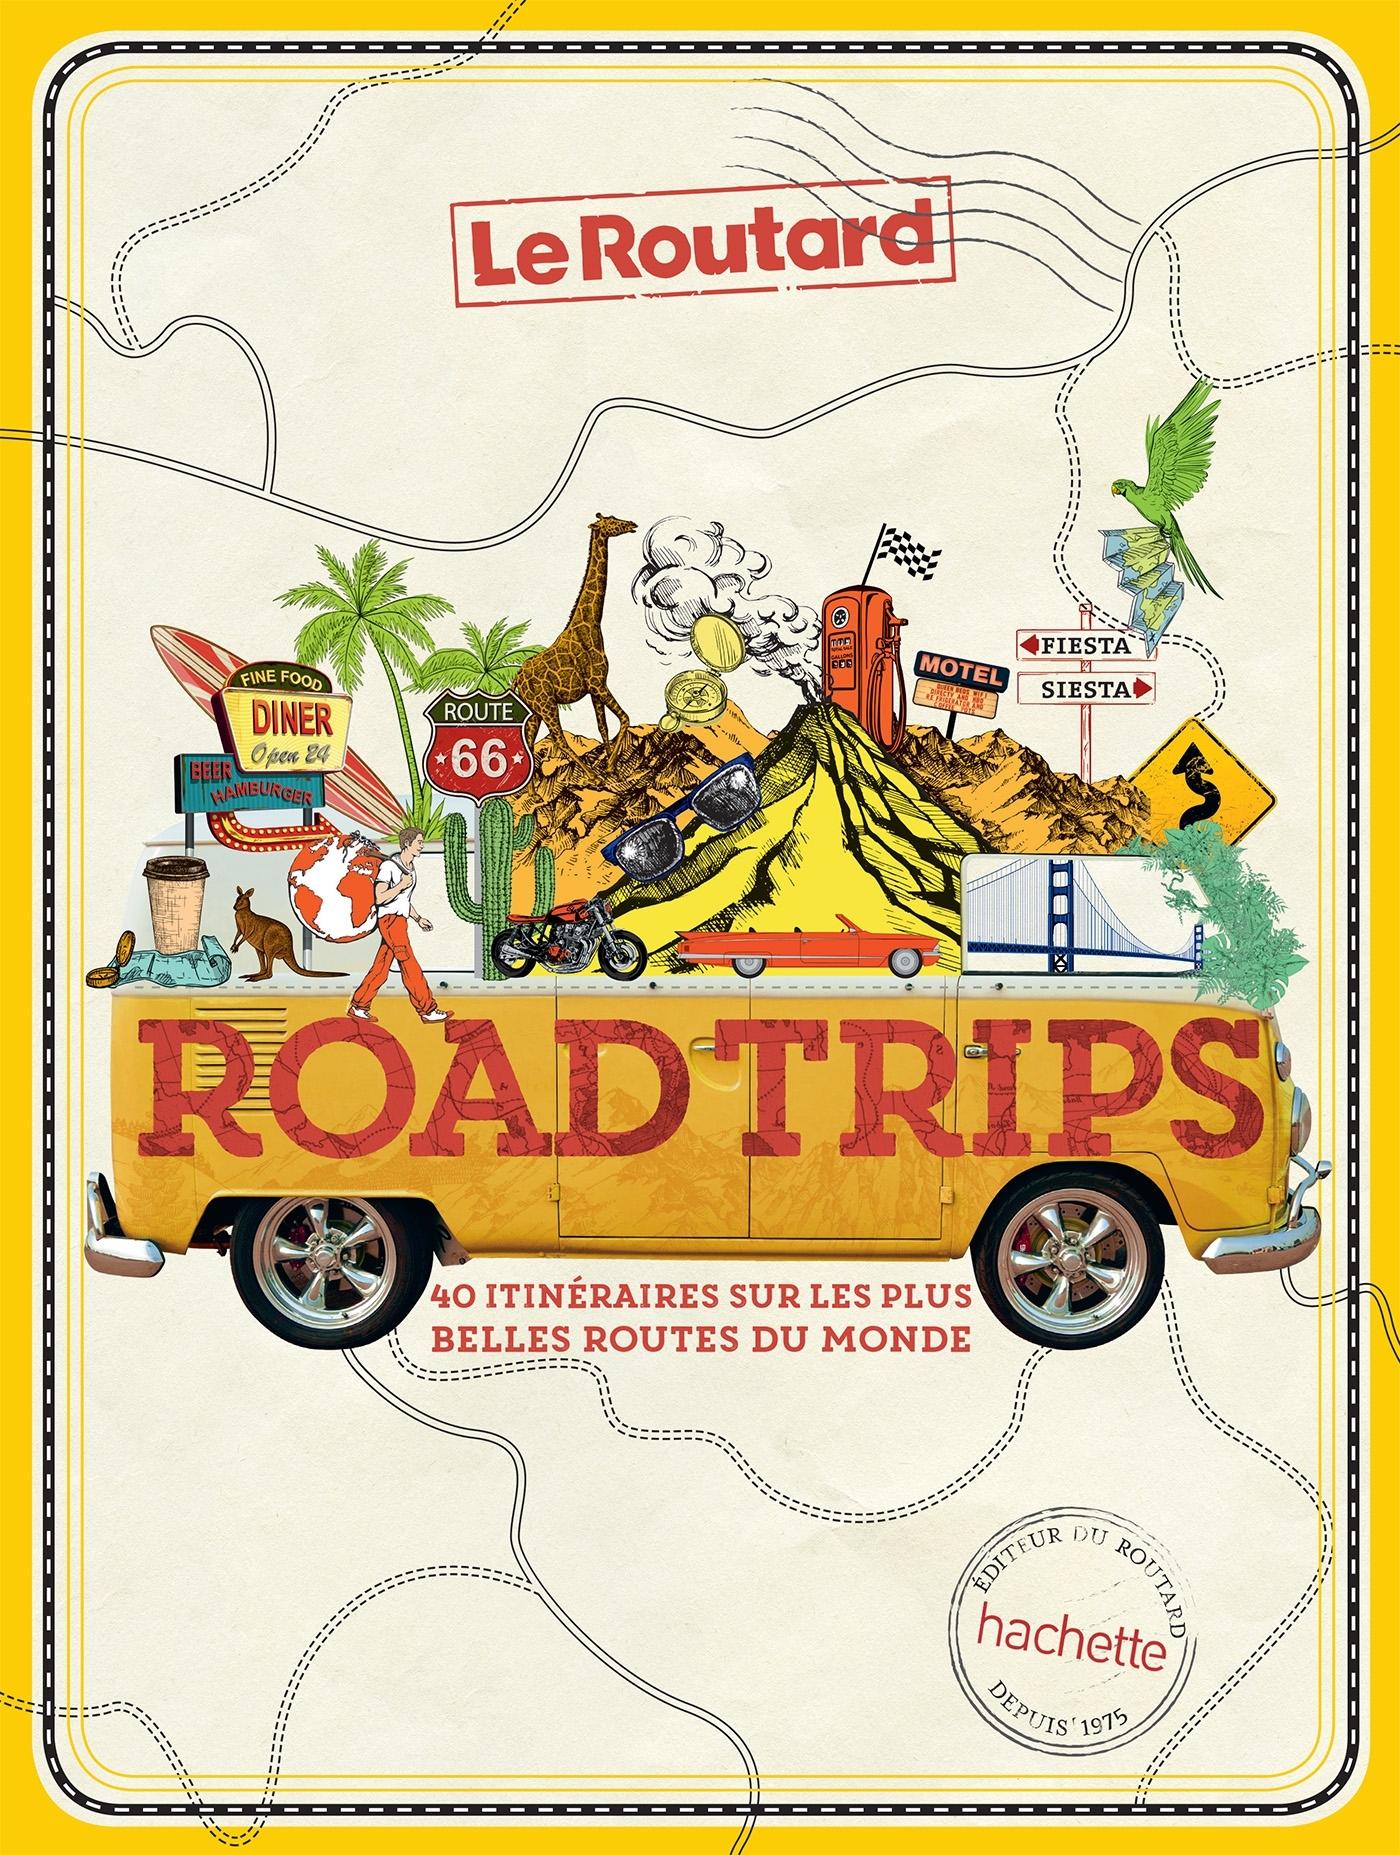 ROAD TRIPS, 40 ITINERAIRES SUR LES PLUS BELLES ROUTES DU MONDE